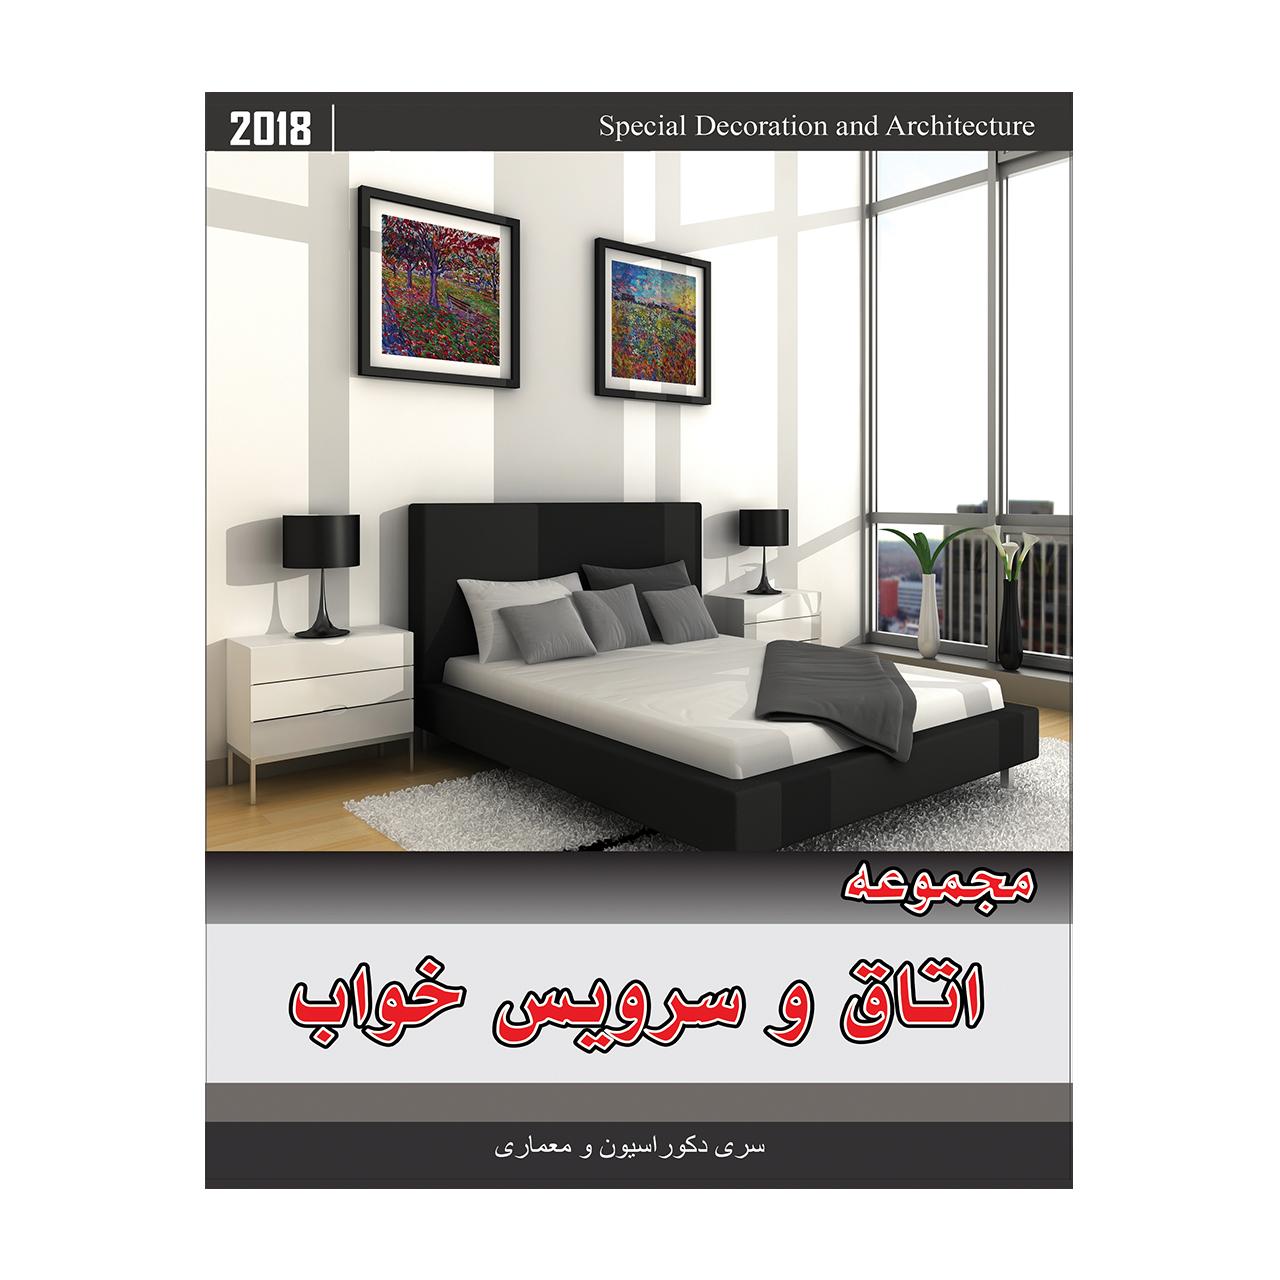 مجموعه اتاق و سرویس خواب نشر جی ای بانک